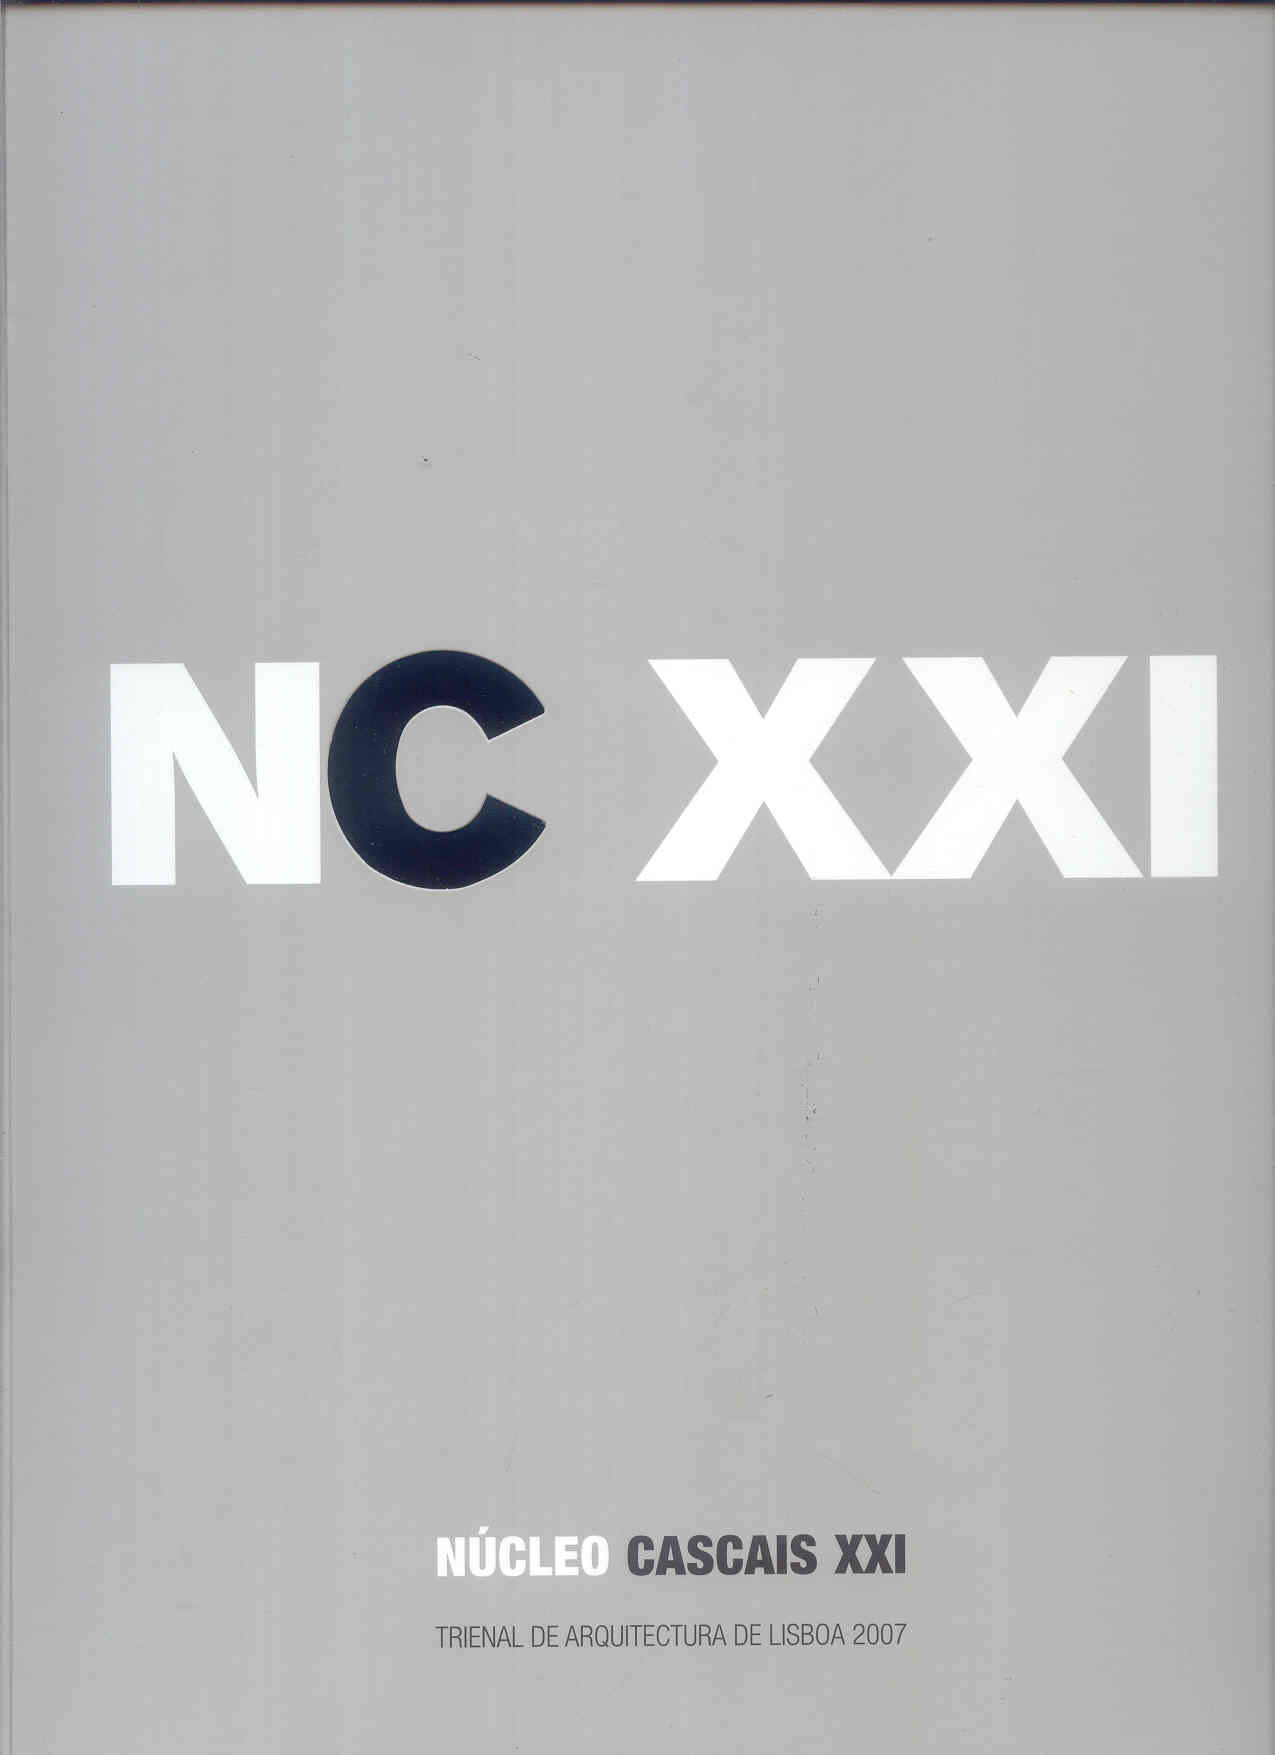 Núcleo Cascais XXI